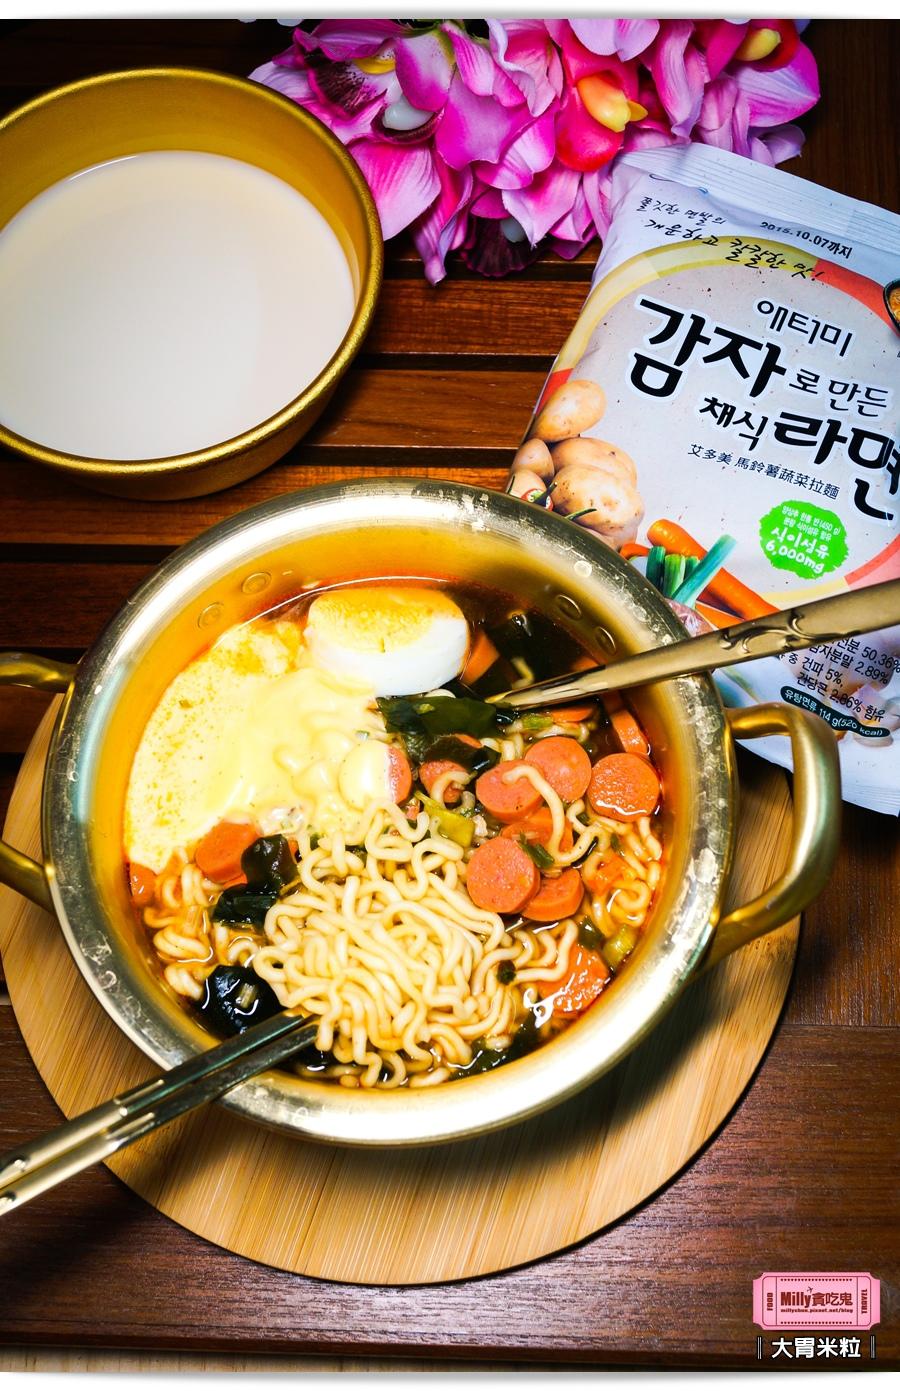 韓國艾多美馬鈴薯蔬菜拉麵0027.jpg